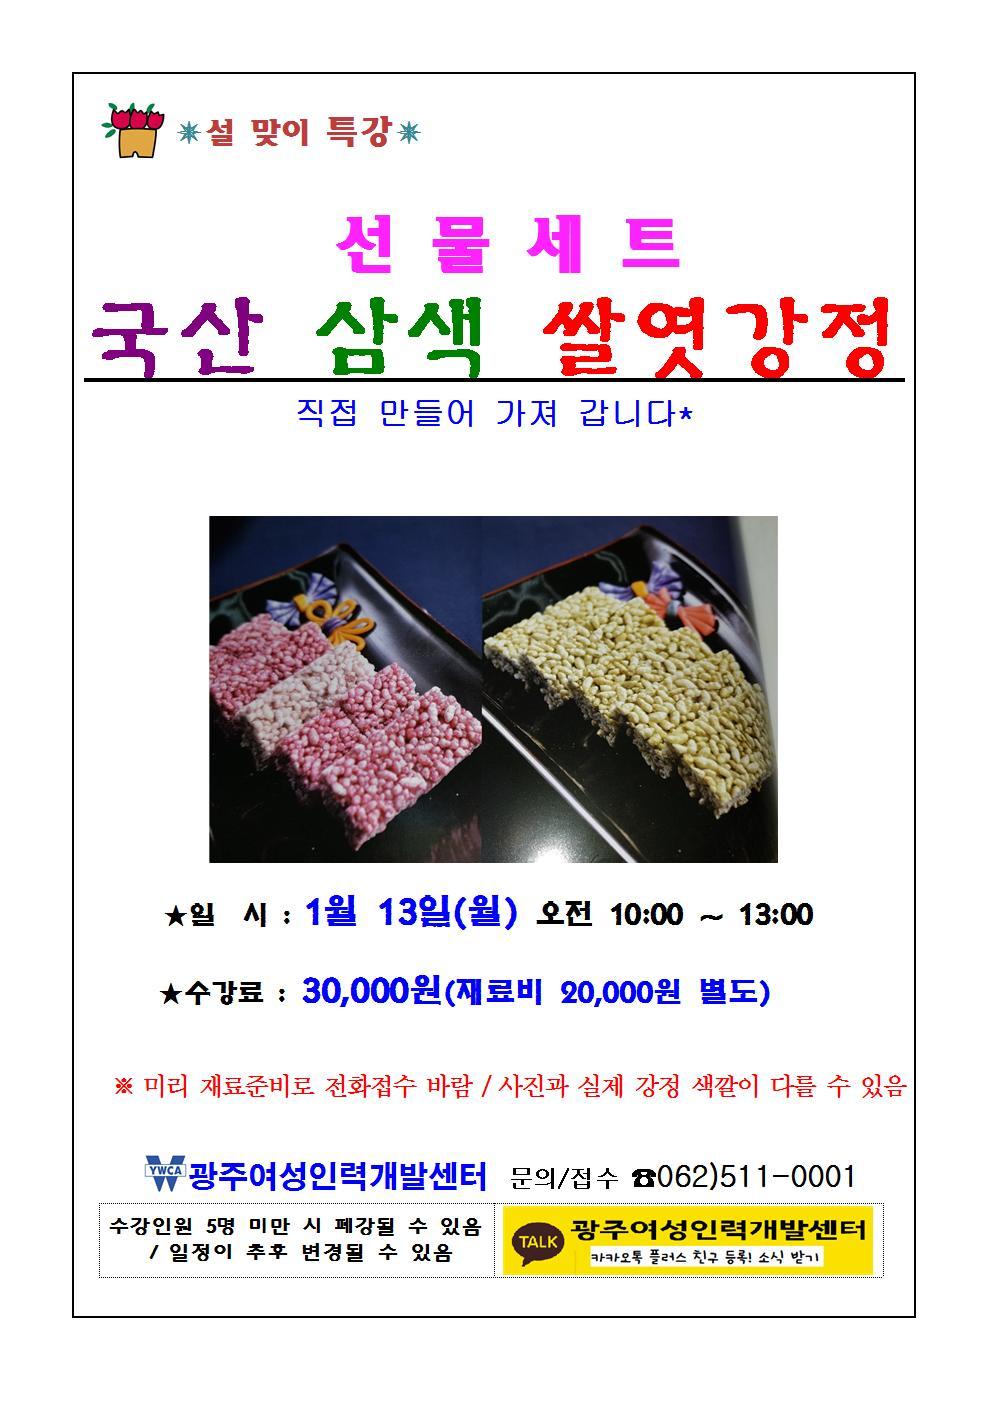 19설명절쌀엿강정001